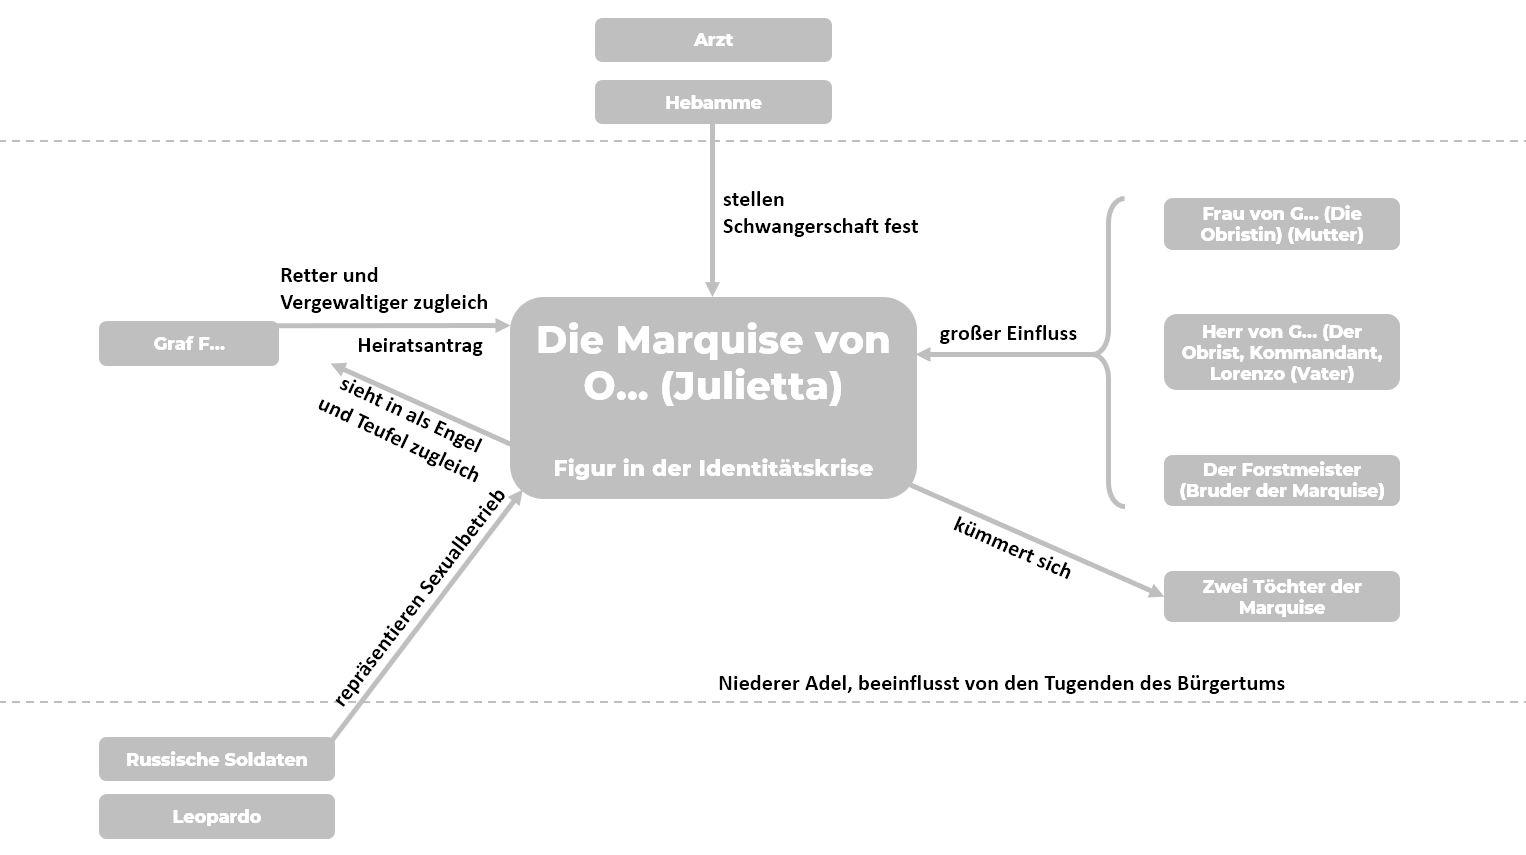 Personenkonstellation Die Marquise von O...